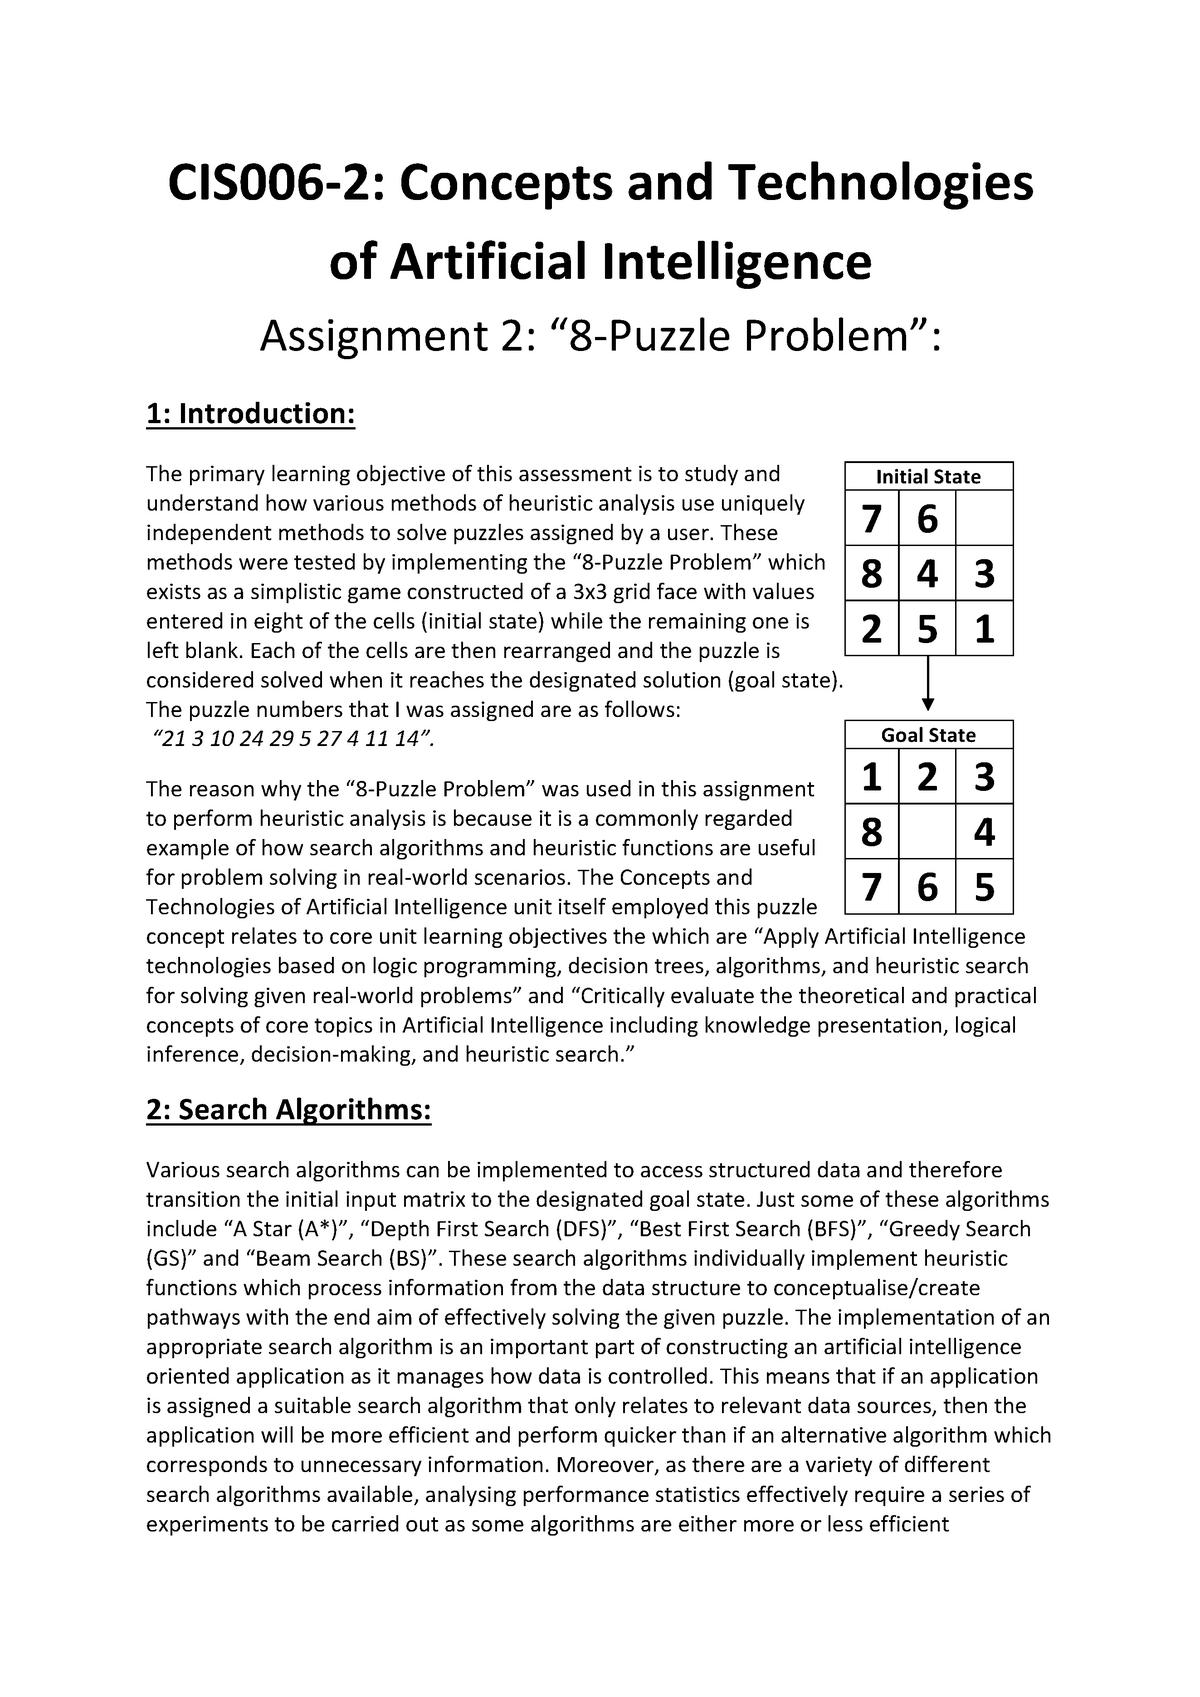 8 Puzzle Problem Information - CIS006-2/Ltn/SEM2: Concepts